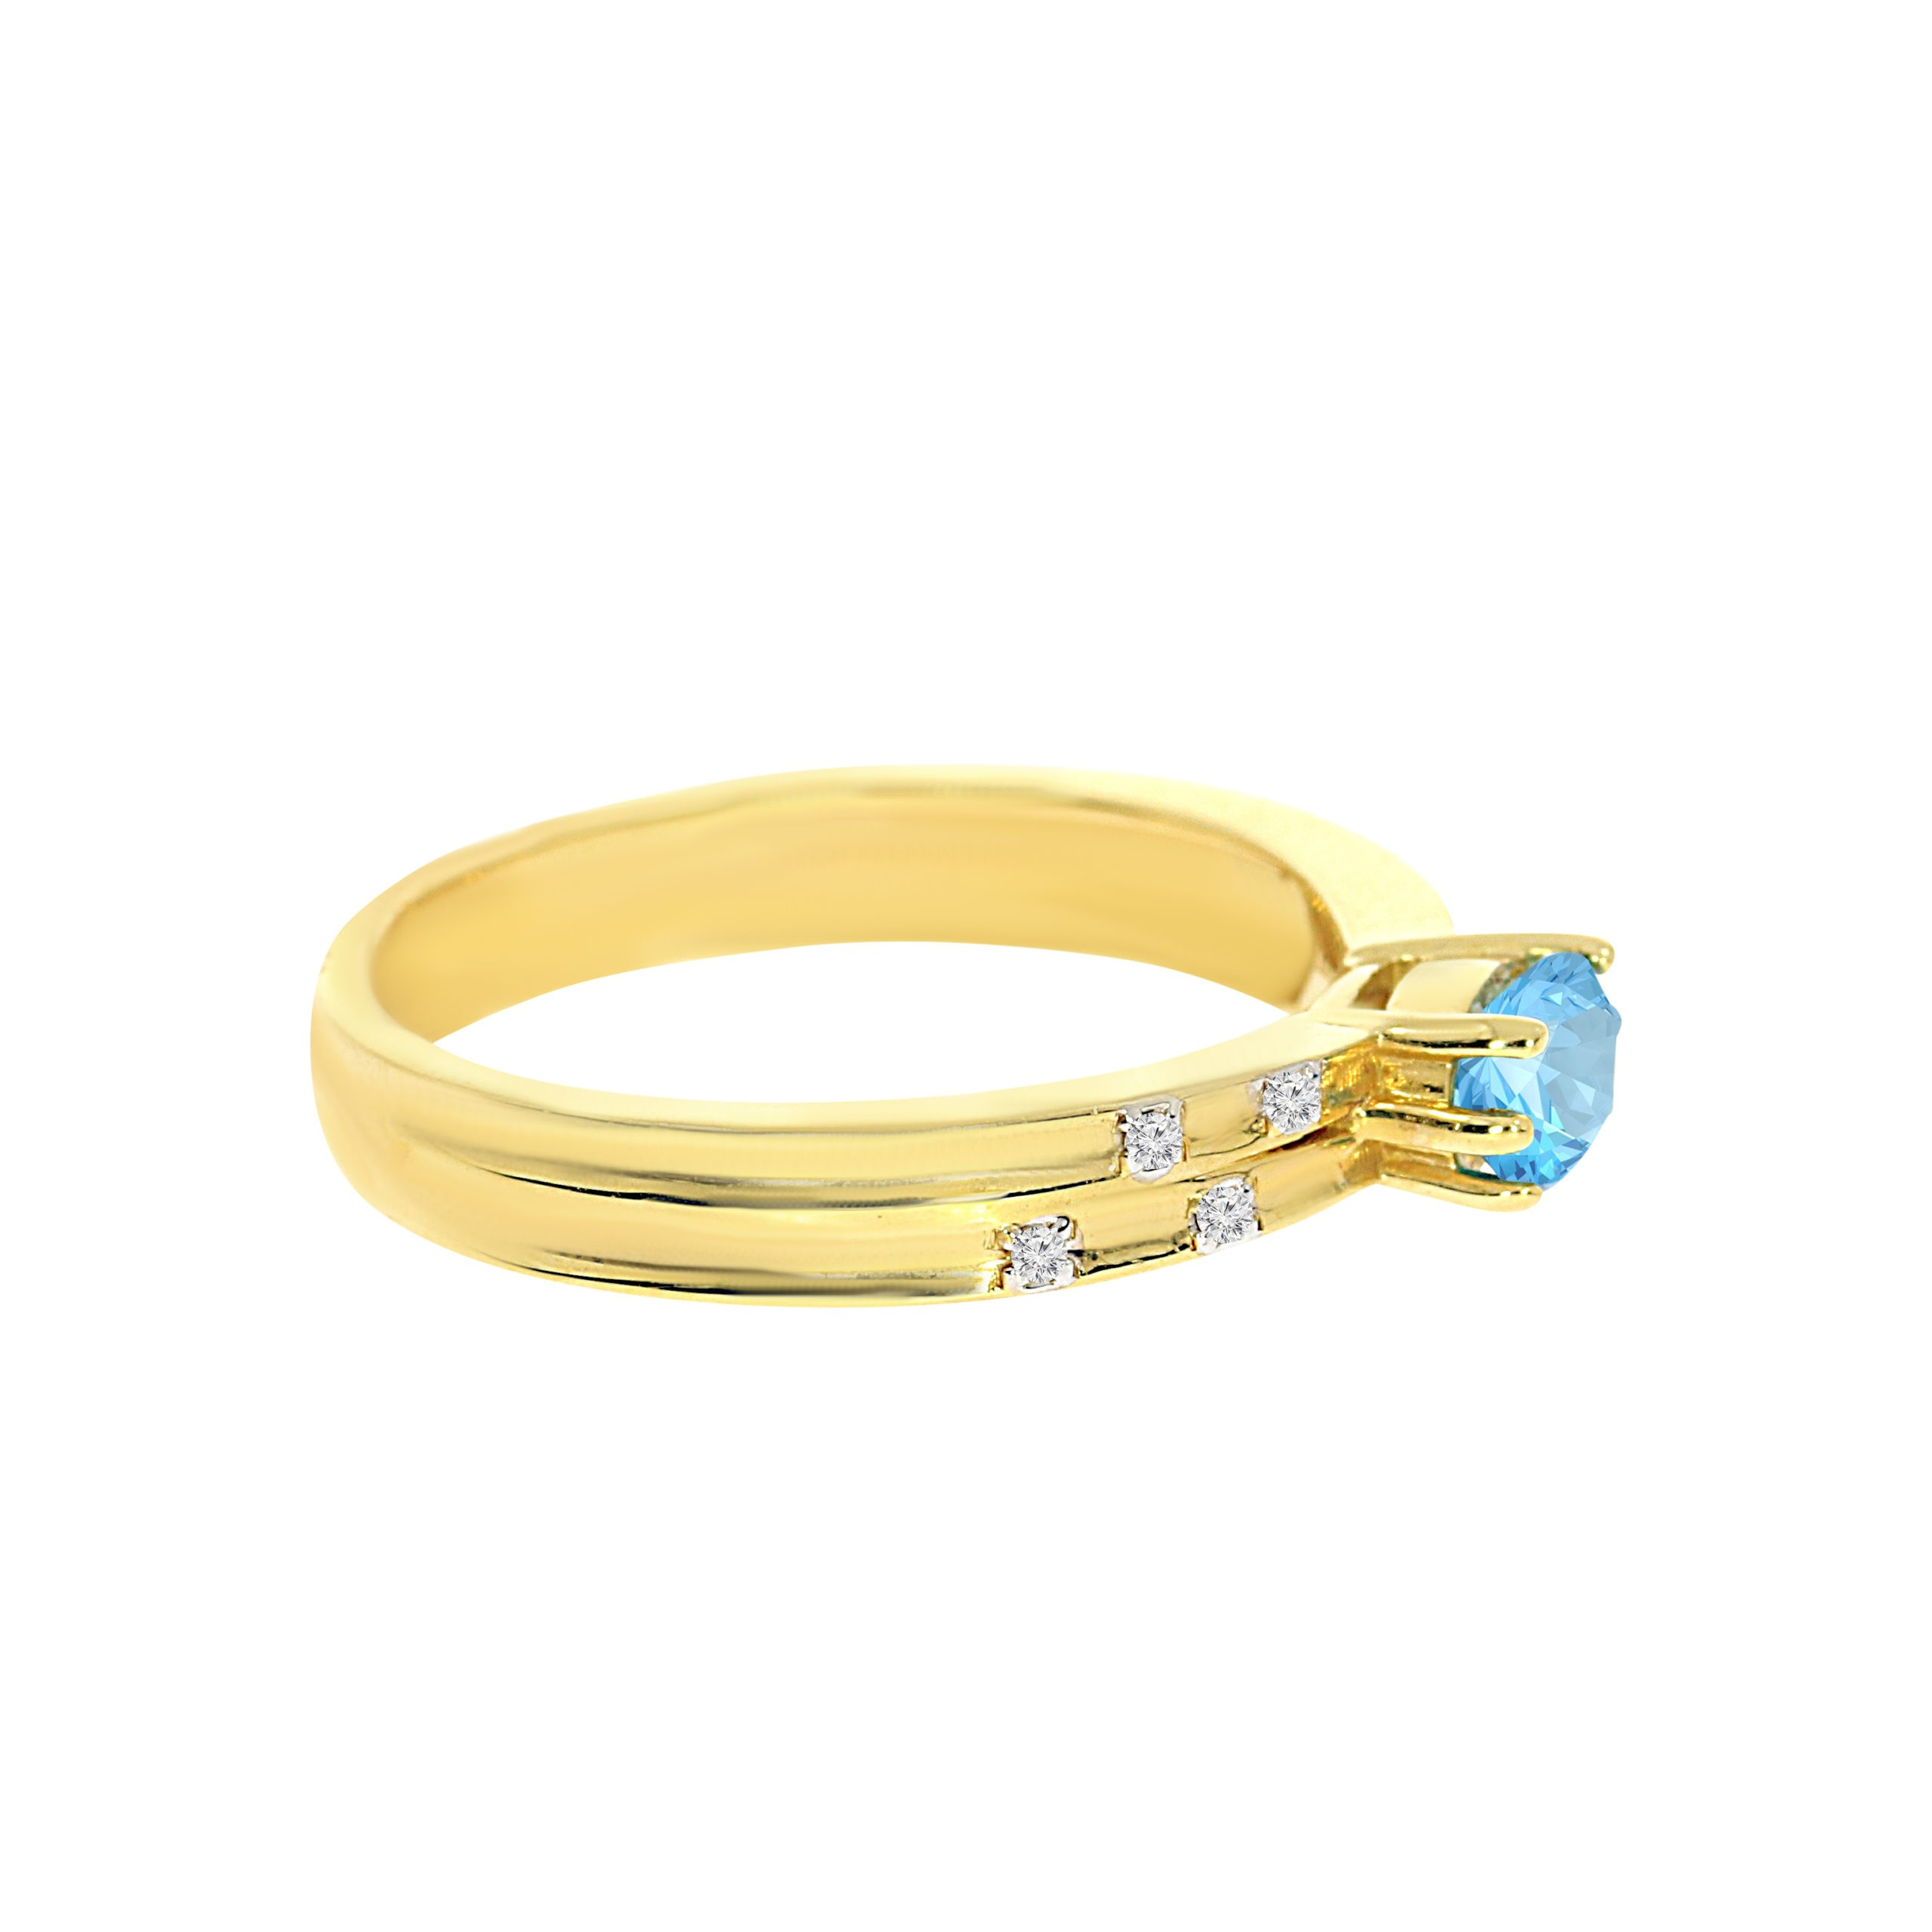 טבעת בלו טופז 5.30 קראט, זהב-צהוב 14 קראט, בשיבוץ 0.02 קראט יהלומים